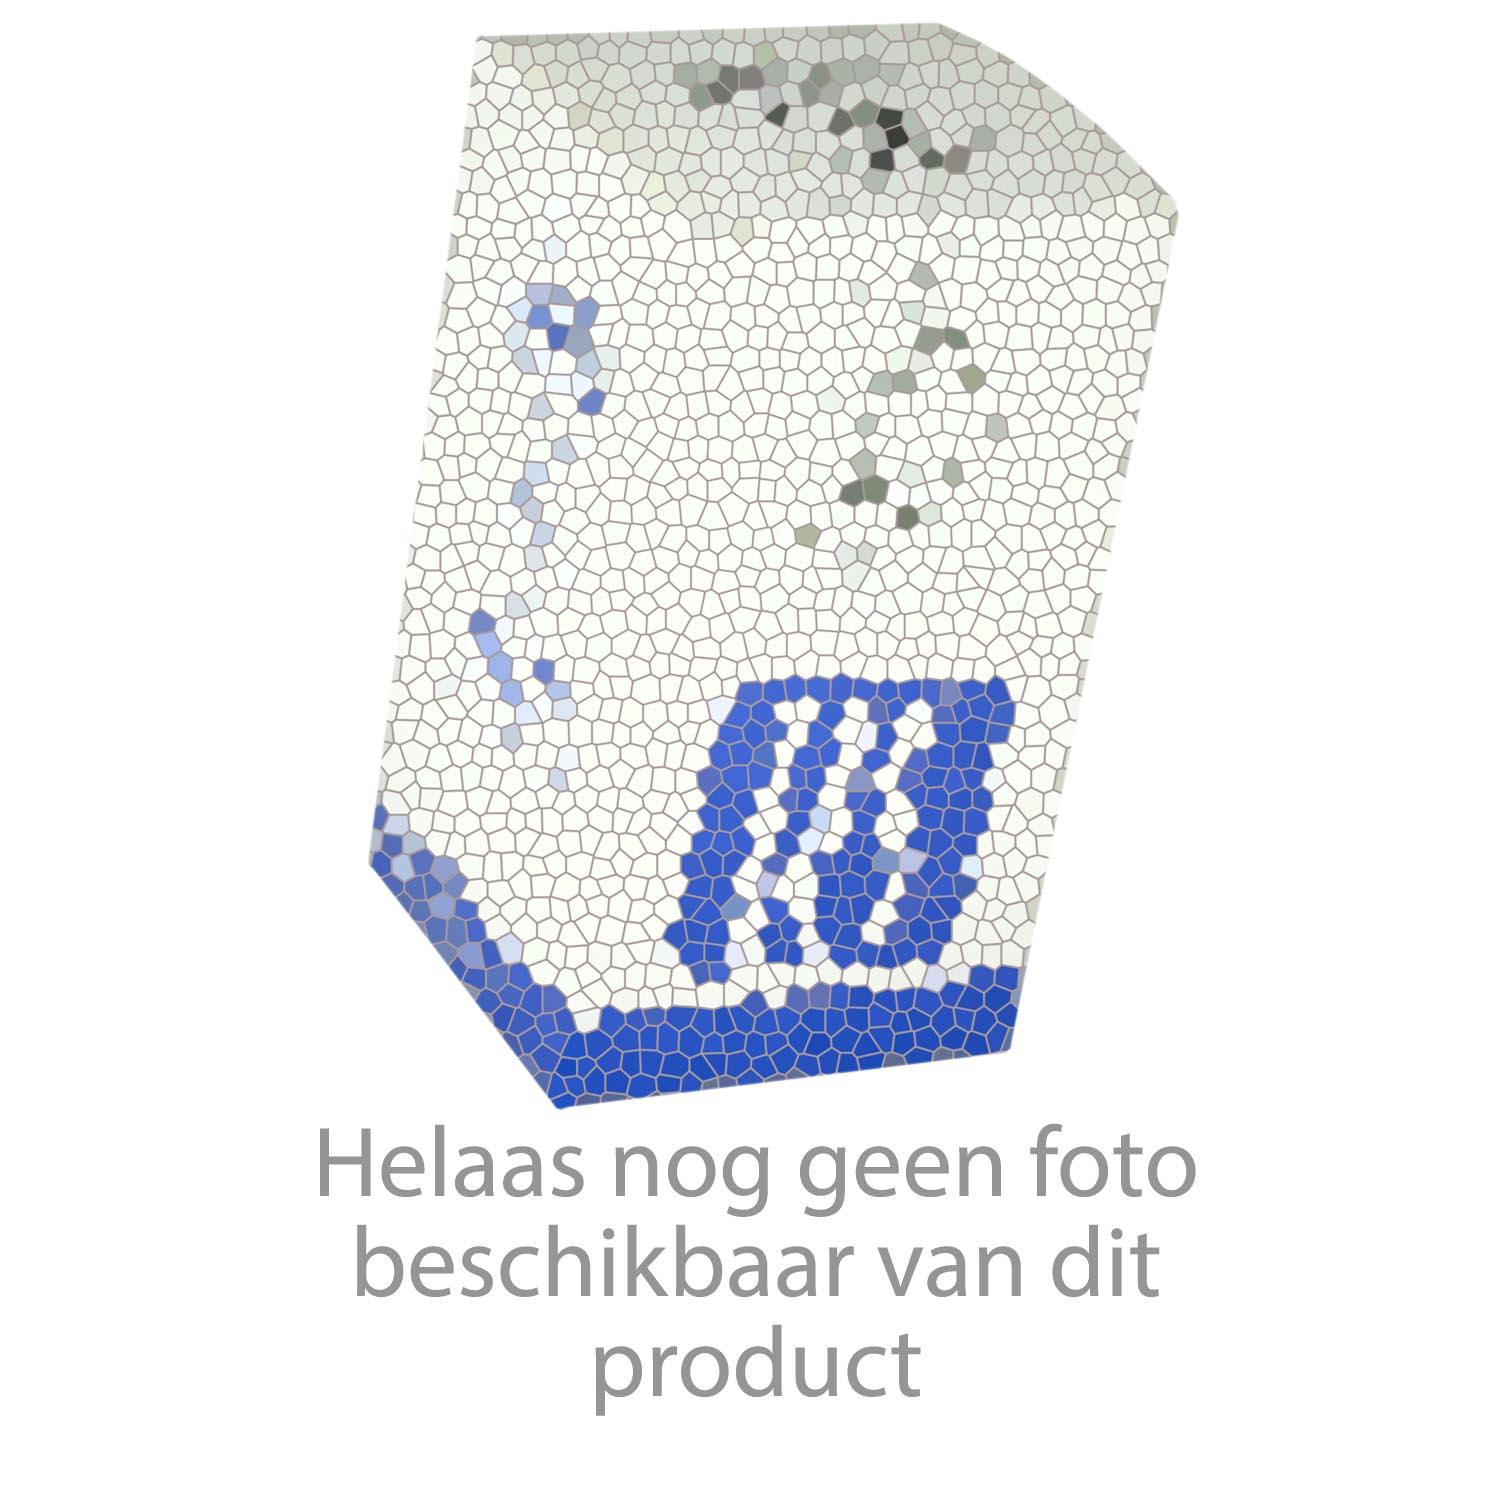 HansGrohe Keukenmengkranen Allegra Metropol productiejaar > 06/01 14832 onderdelen